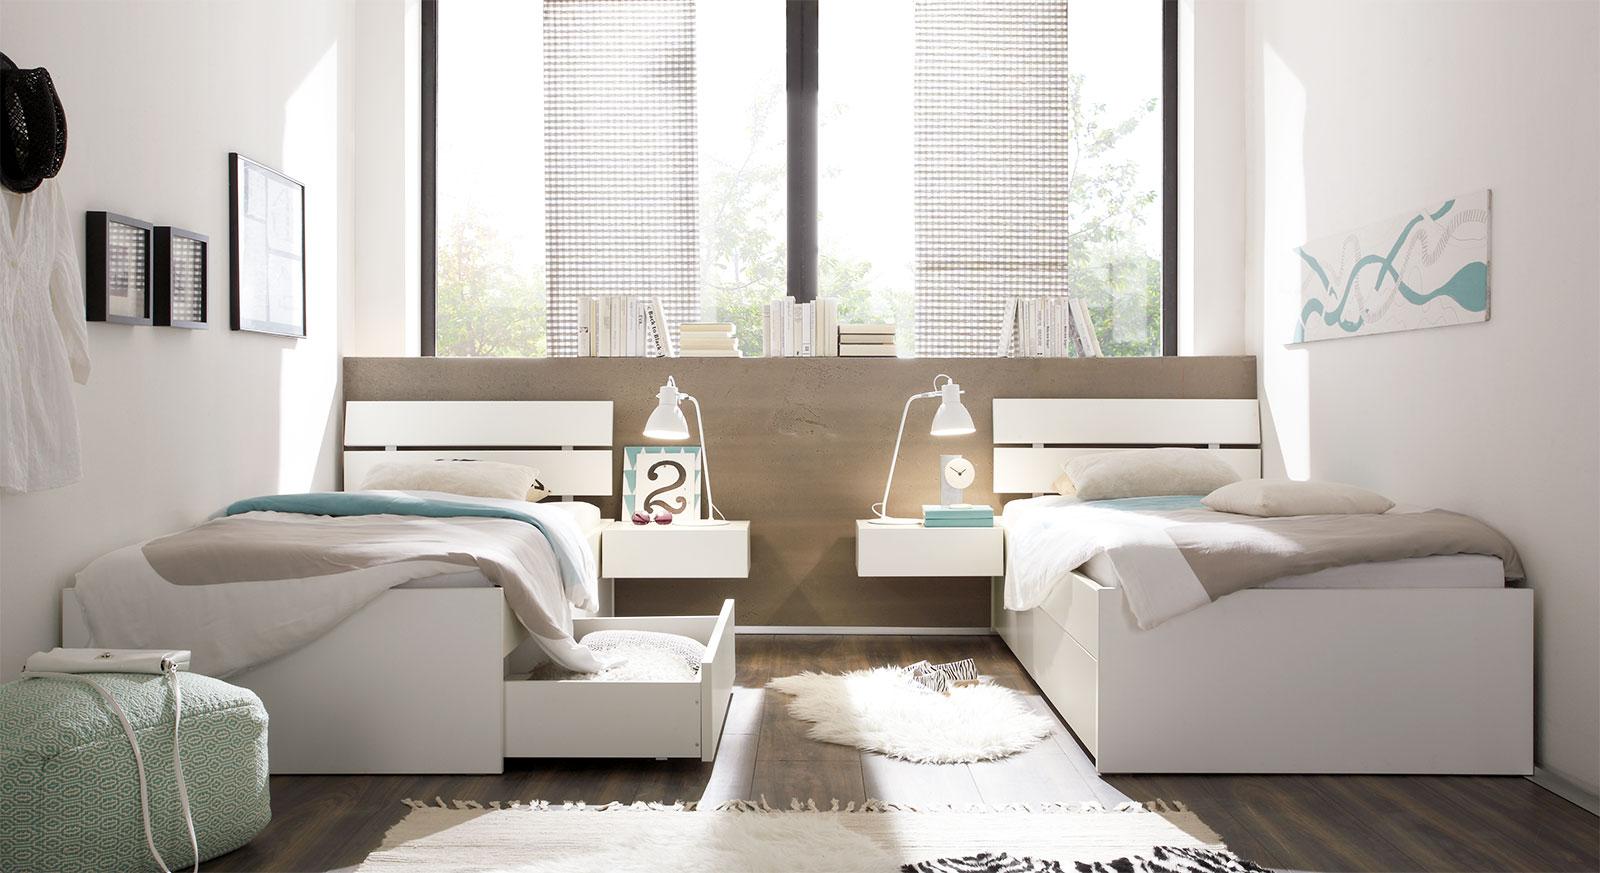 Schubkasten-Bett Mocuba mit passenden Produkten